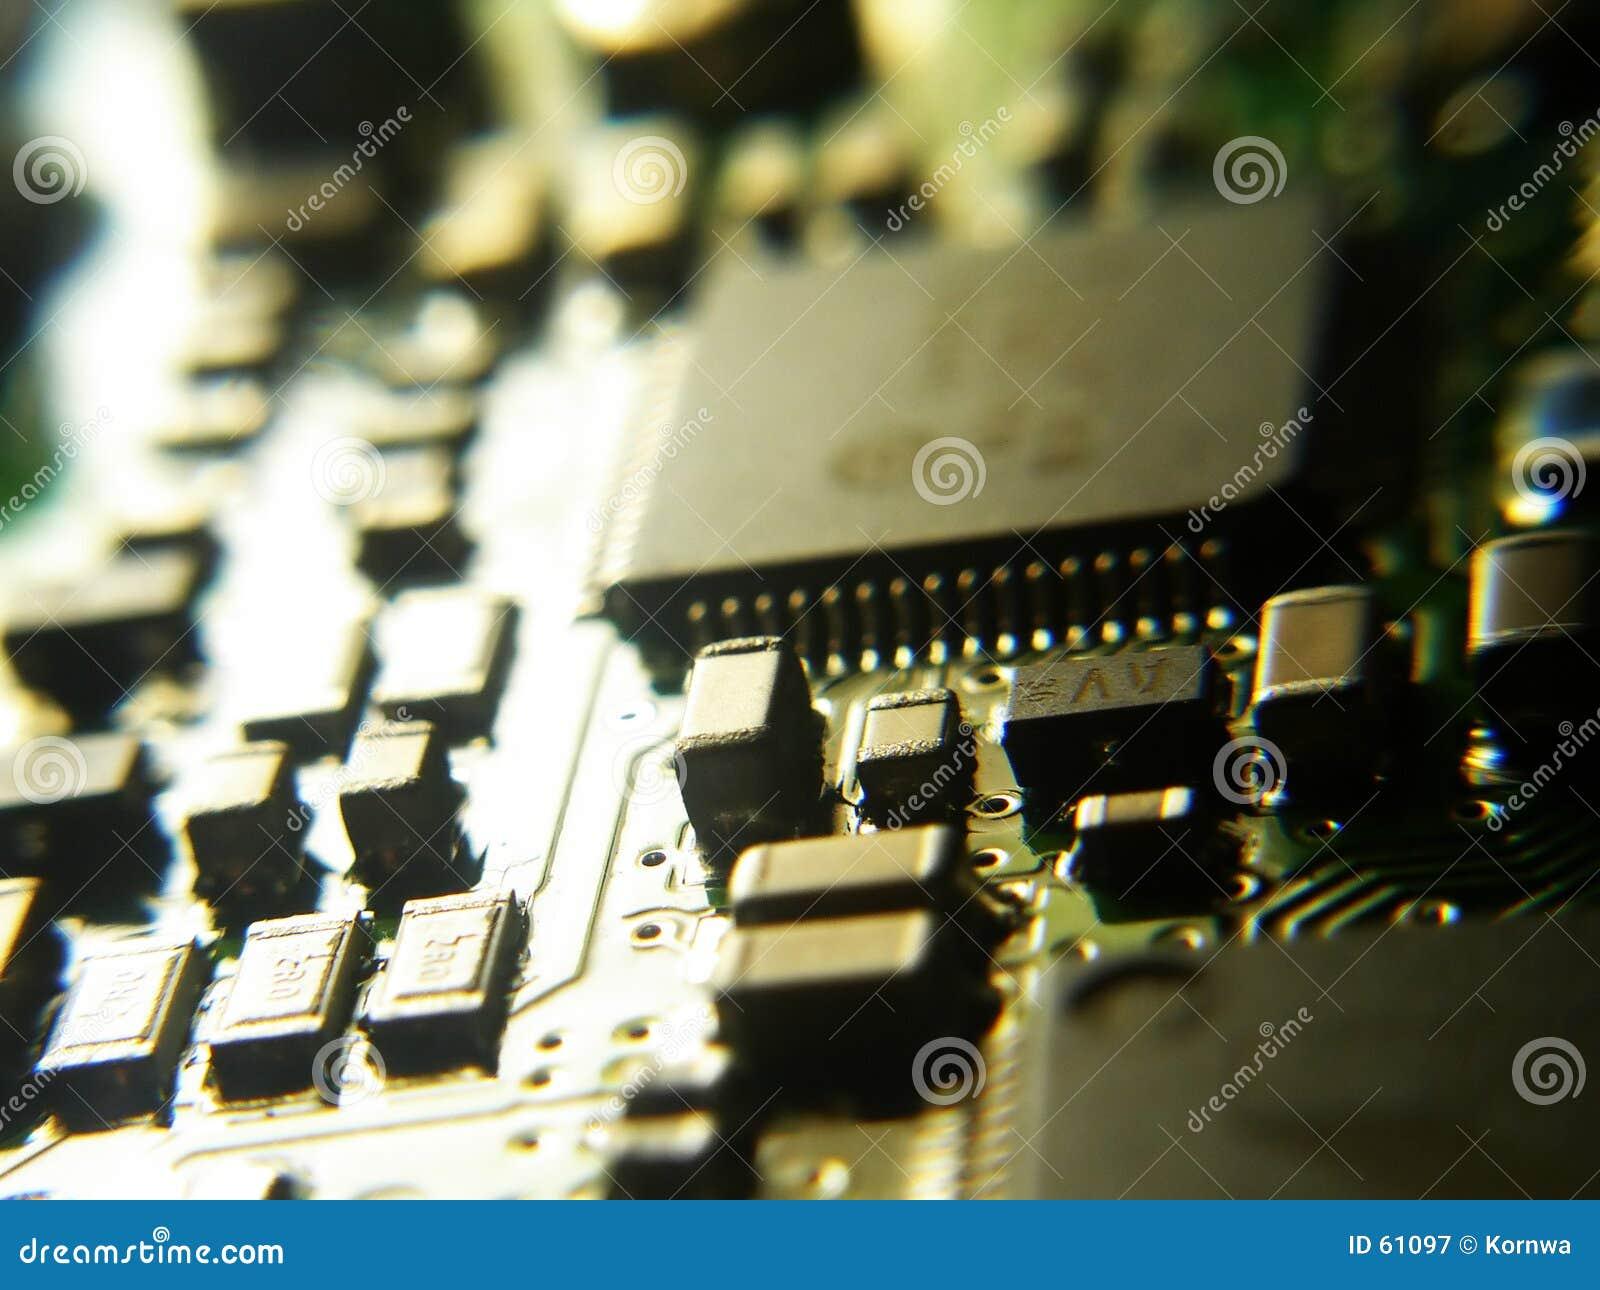 Download Elettronica immagine stock. Immagine di tecnologia, commerciale - 61097